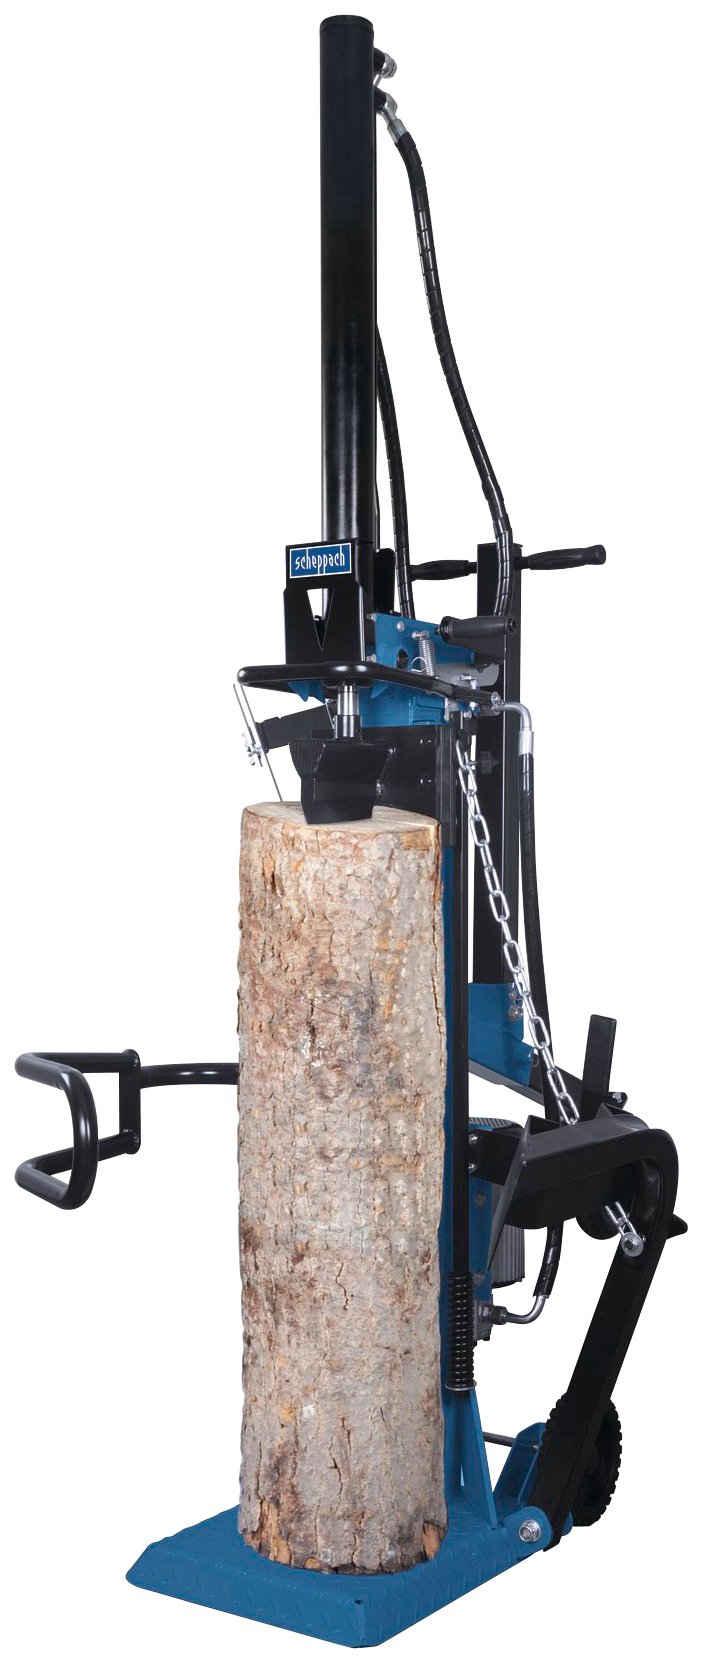 Scheppach Elektroholzspalter »HL1350«, Spaltgutlänge bis 104 cm, Spaltgutdurchmesser bis 30 cm, 400 V Drehstrom